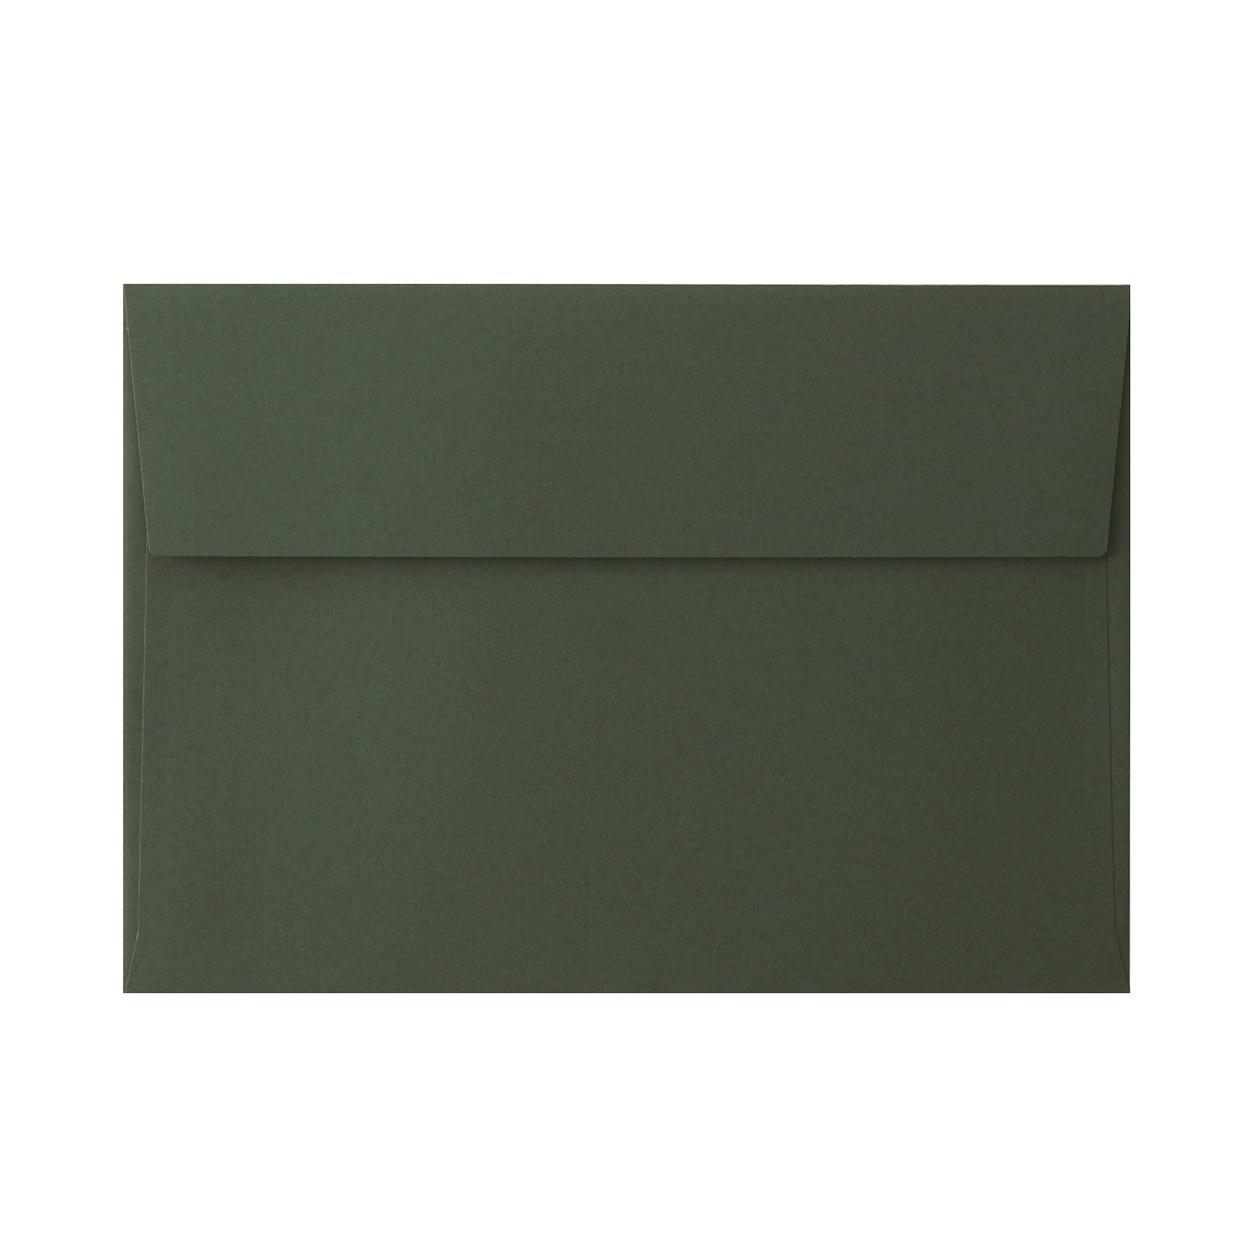 角6カマス封筒 コットン ボトルグリーン 116.3g